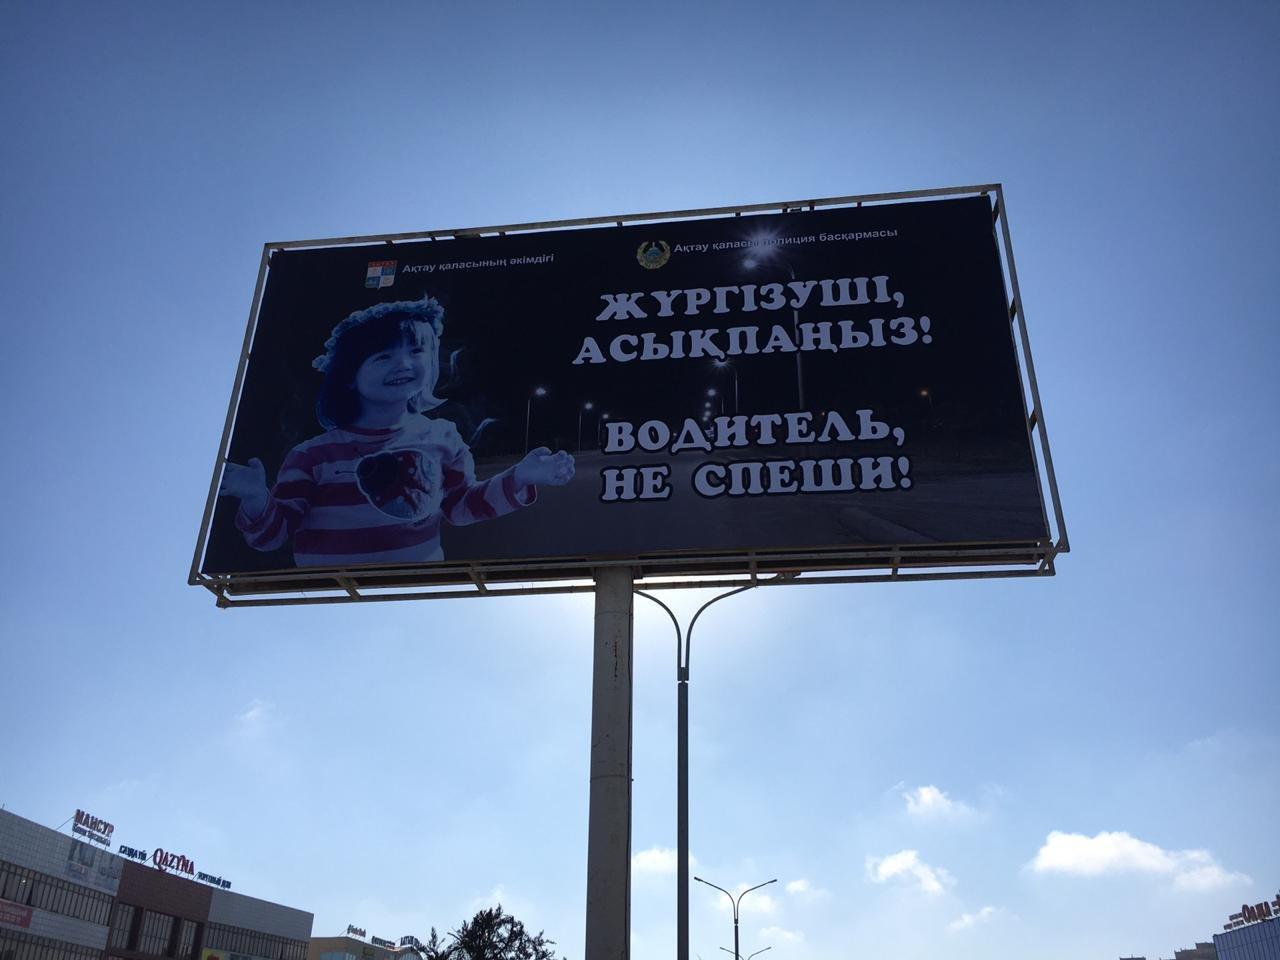 В Актау полиция установила билборды, призывающие к соблюдению ПДД, фото-1